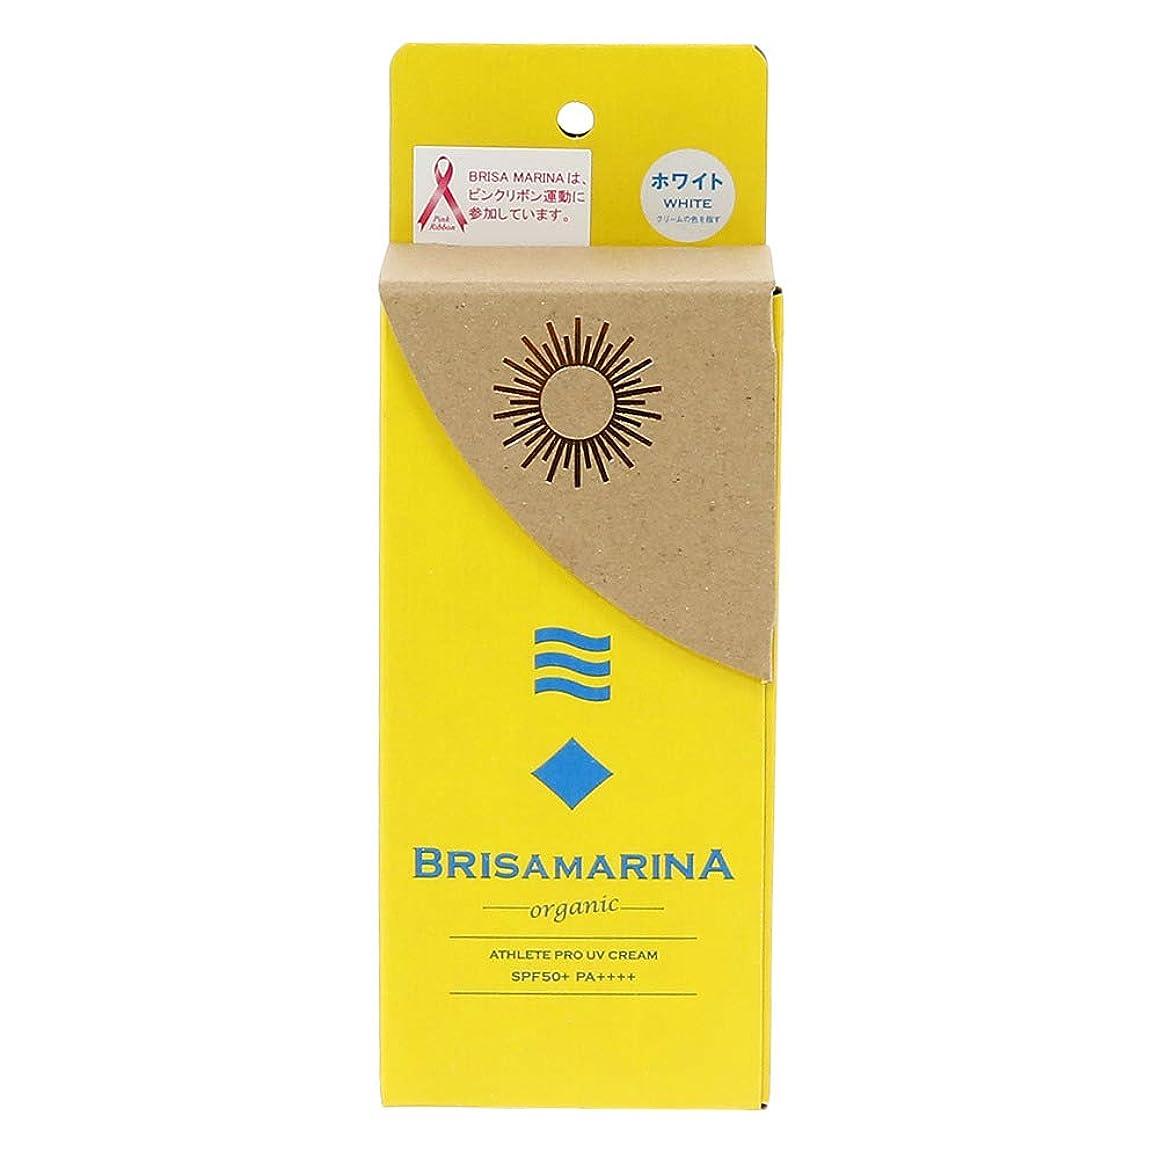 セージ抽象化目覚めるBRISA MARINA(ブリサ マリーナ) 日焼止め アスリートプロ UVクリーム 70g (ホワイト)[SPF50+ PA++++] Z-0CBM0016140